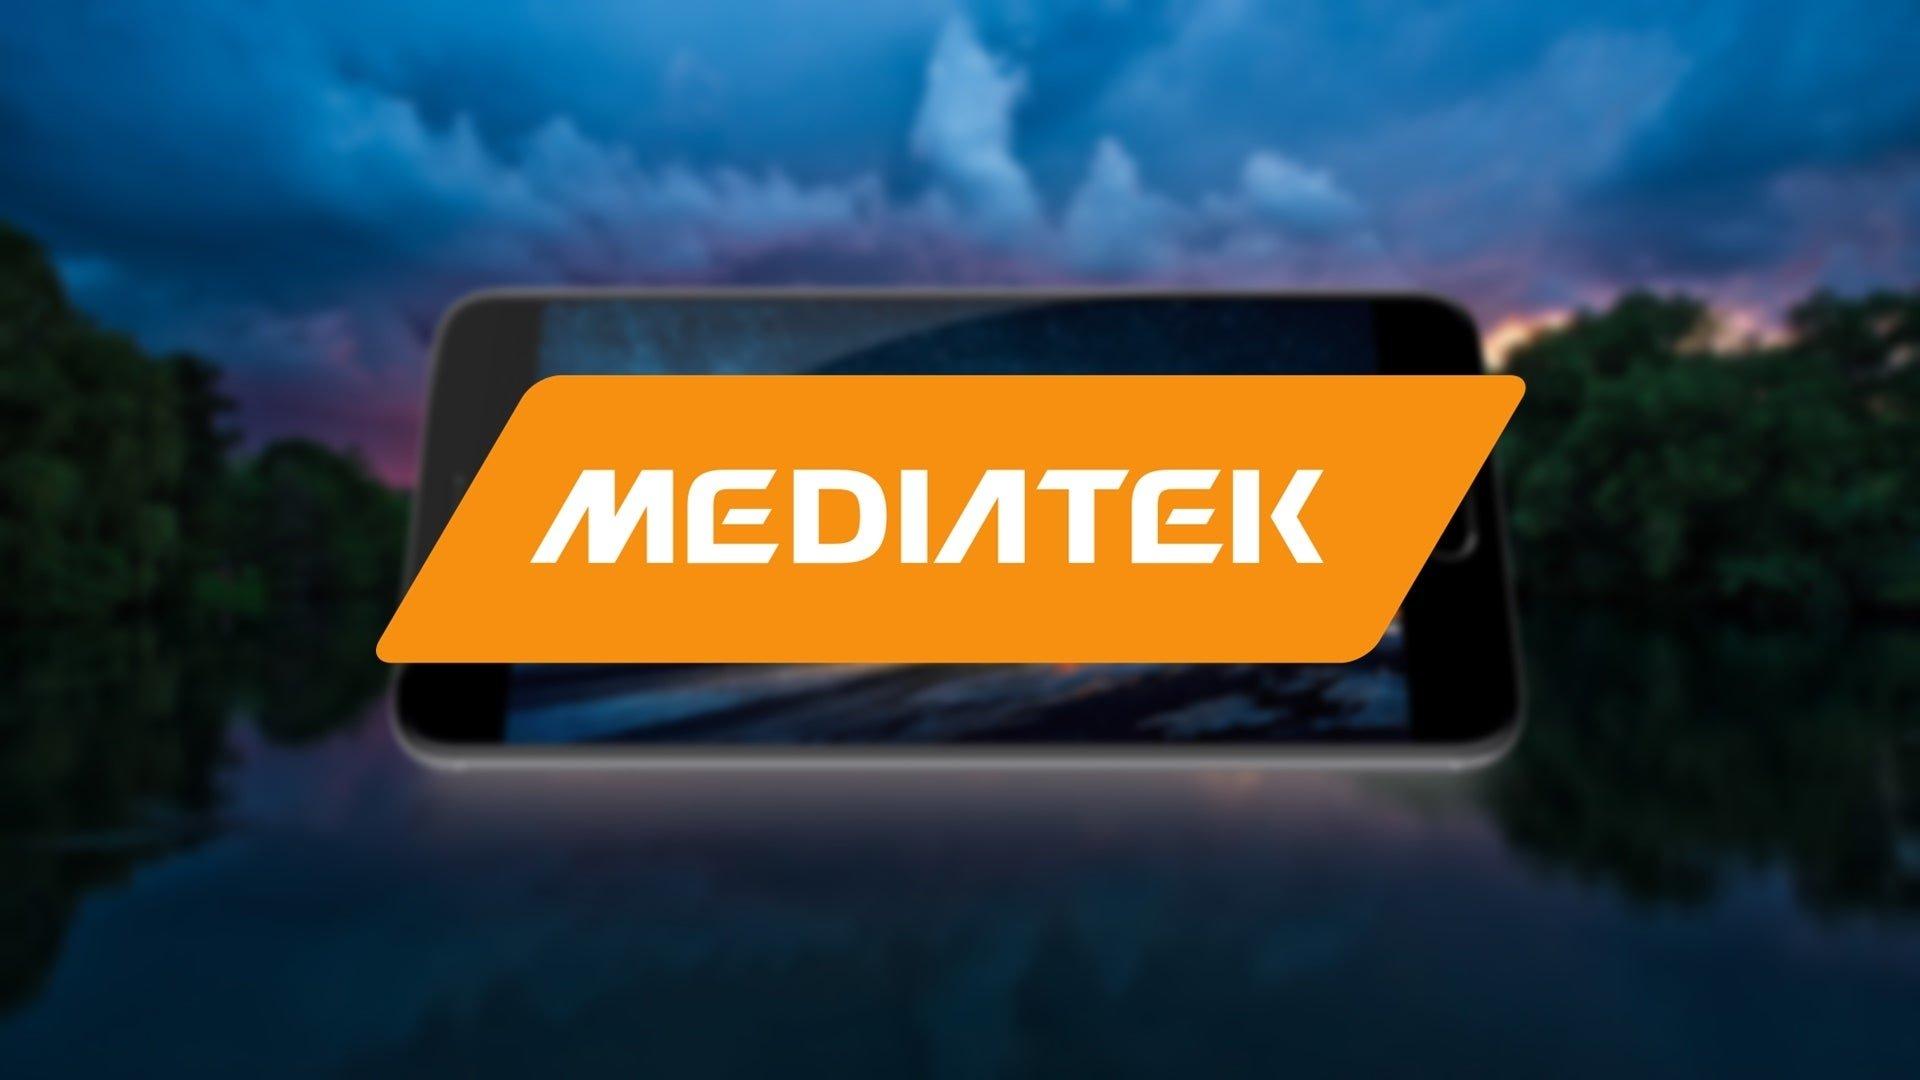 MediaTek processador smartphone